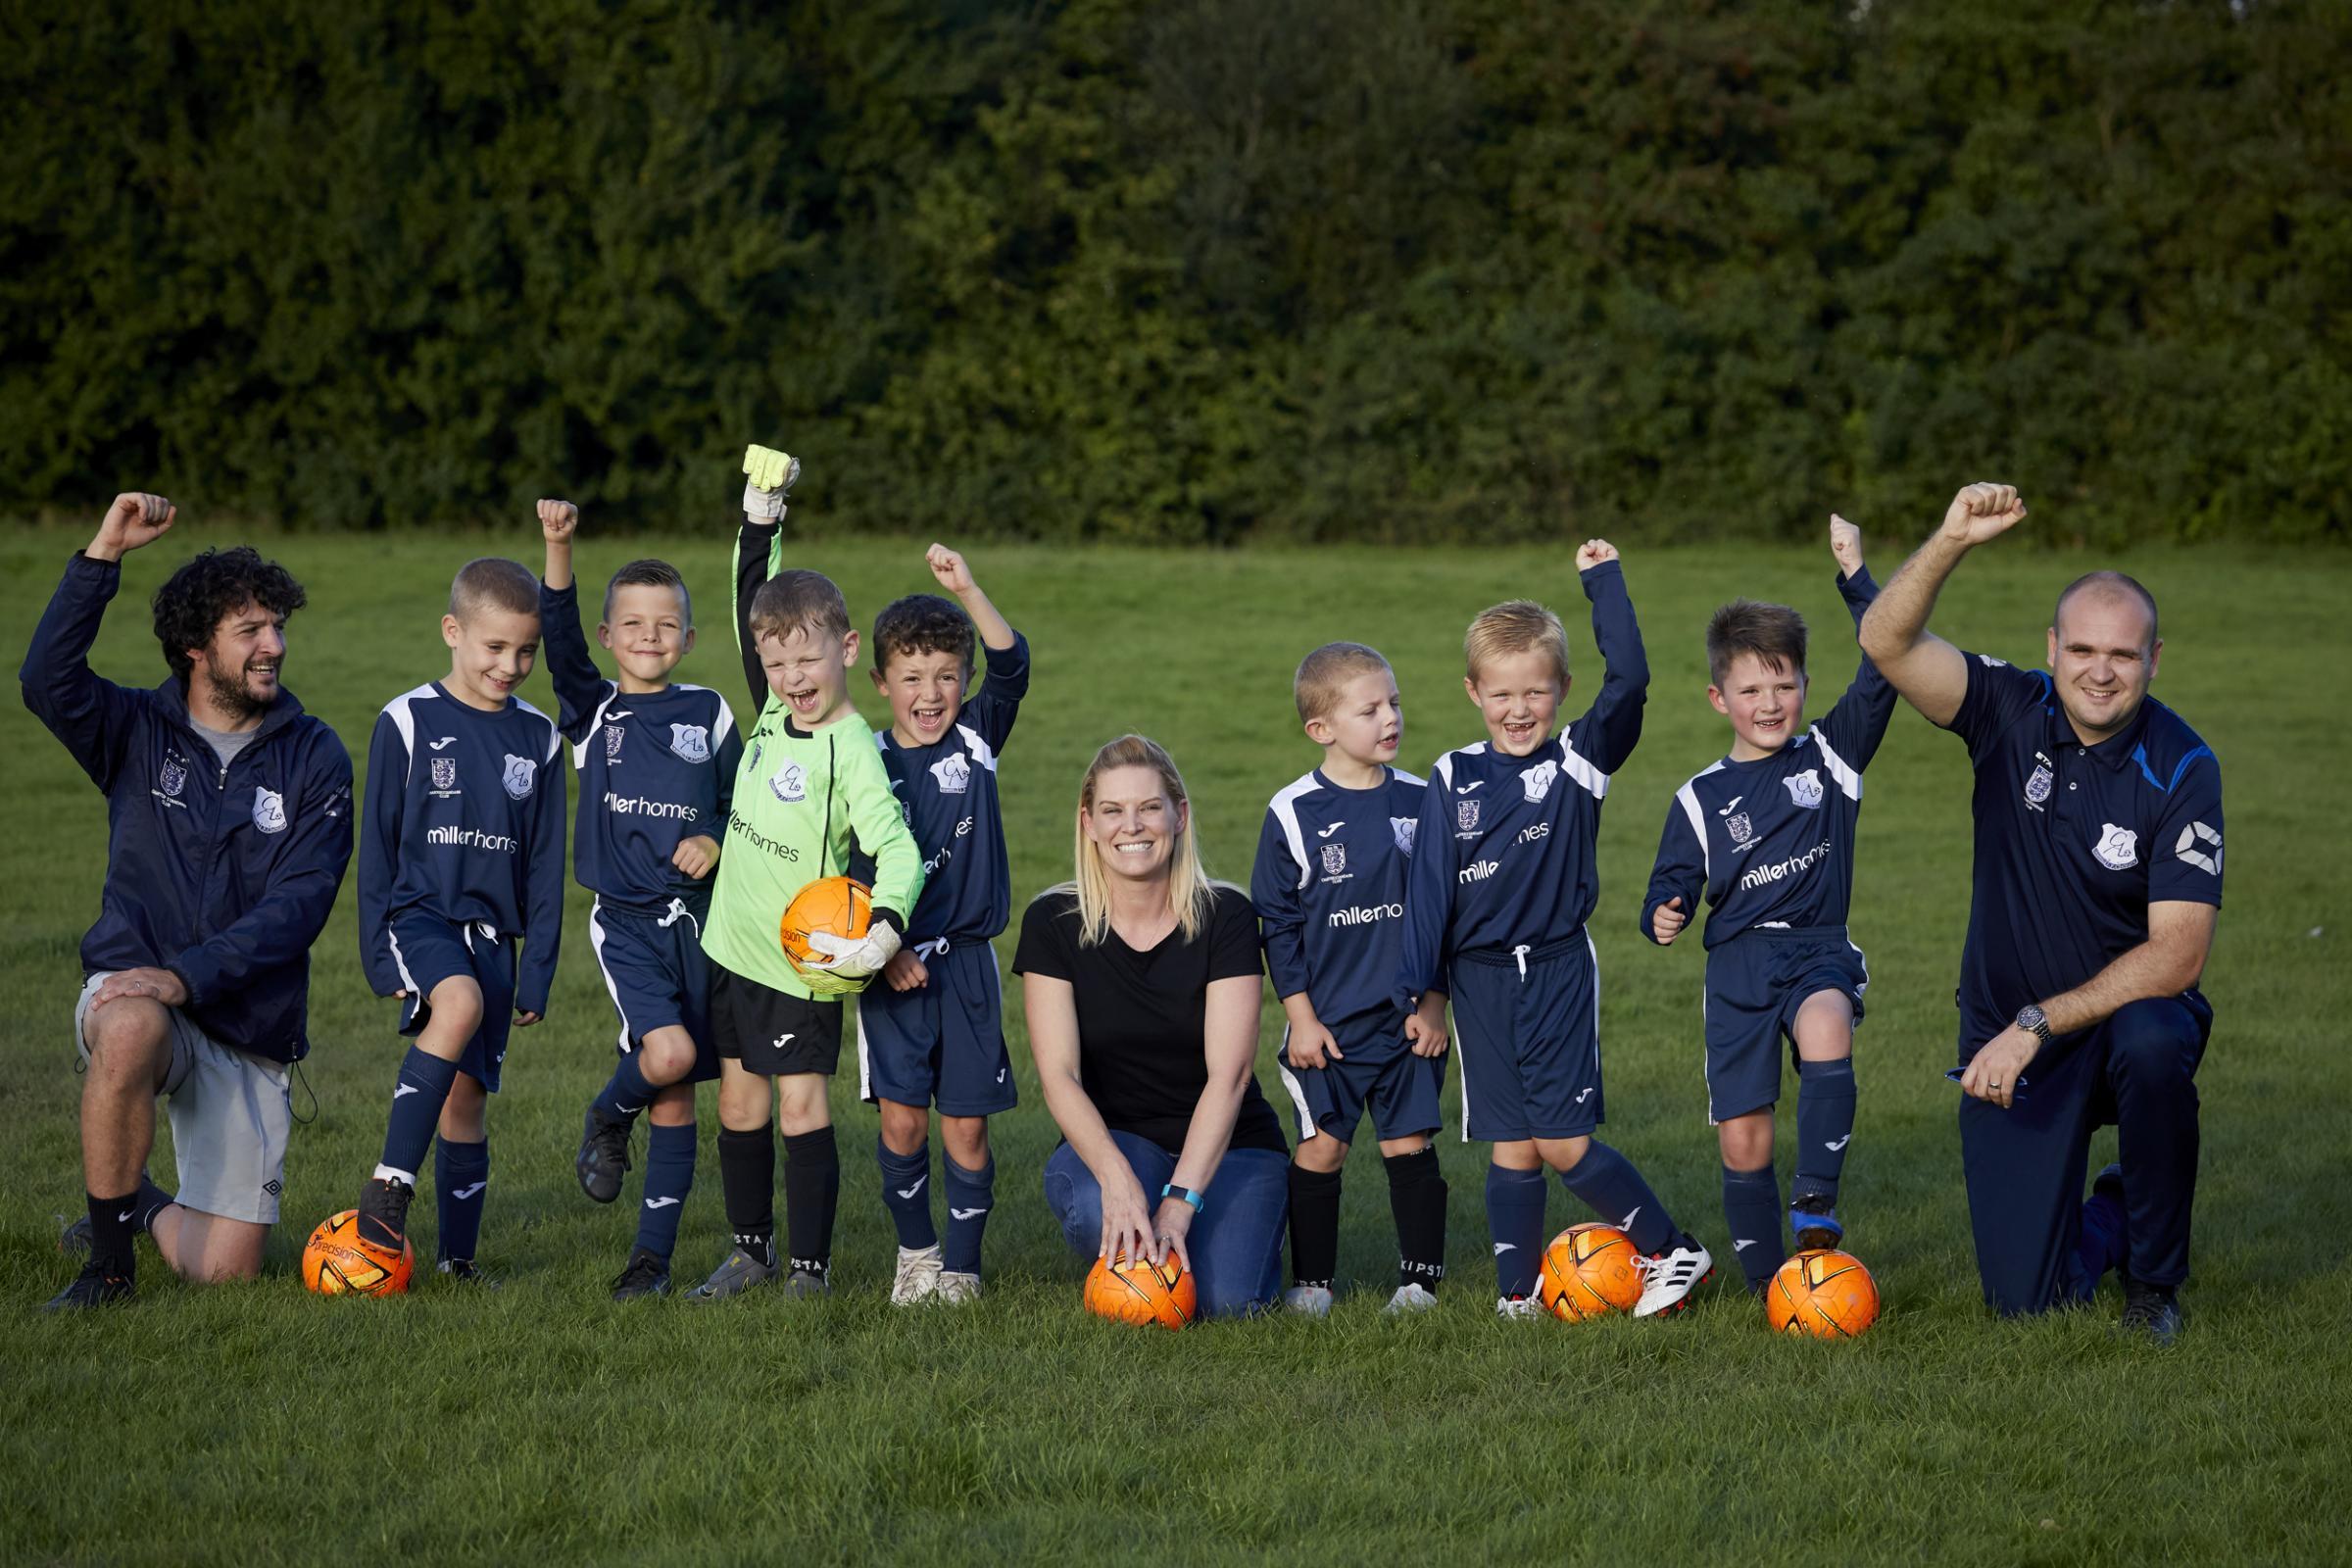 Miller Homes sponsor Cromwell under sevens' kits